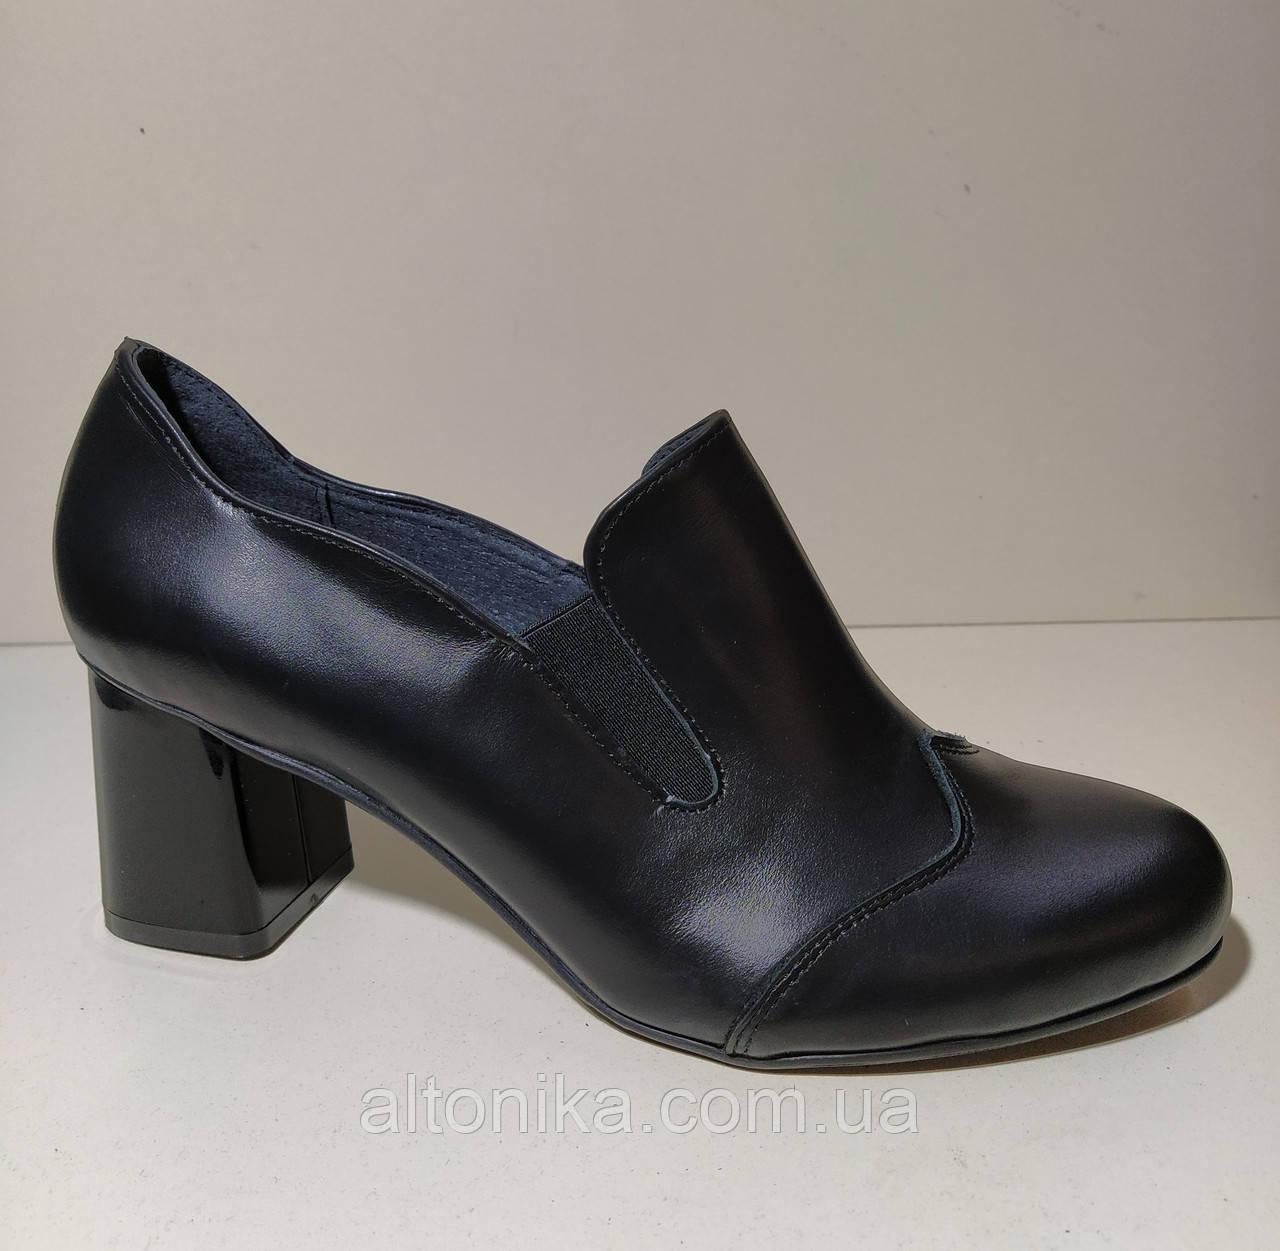 STTOPA 44р! Размеры 35-44! Туфли больших размеров из натуральной кожи. С7-23-3544-65